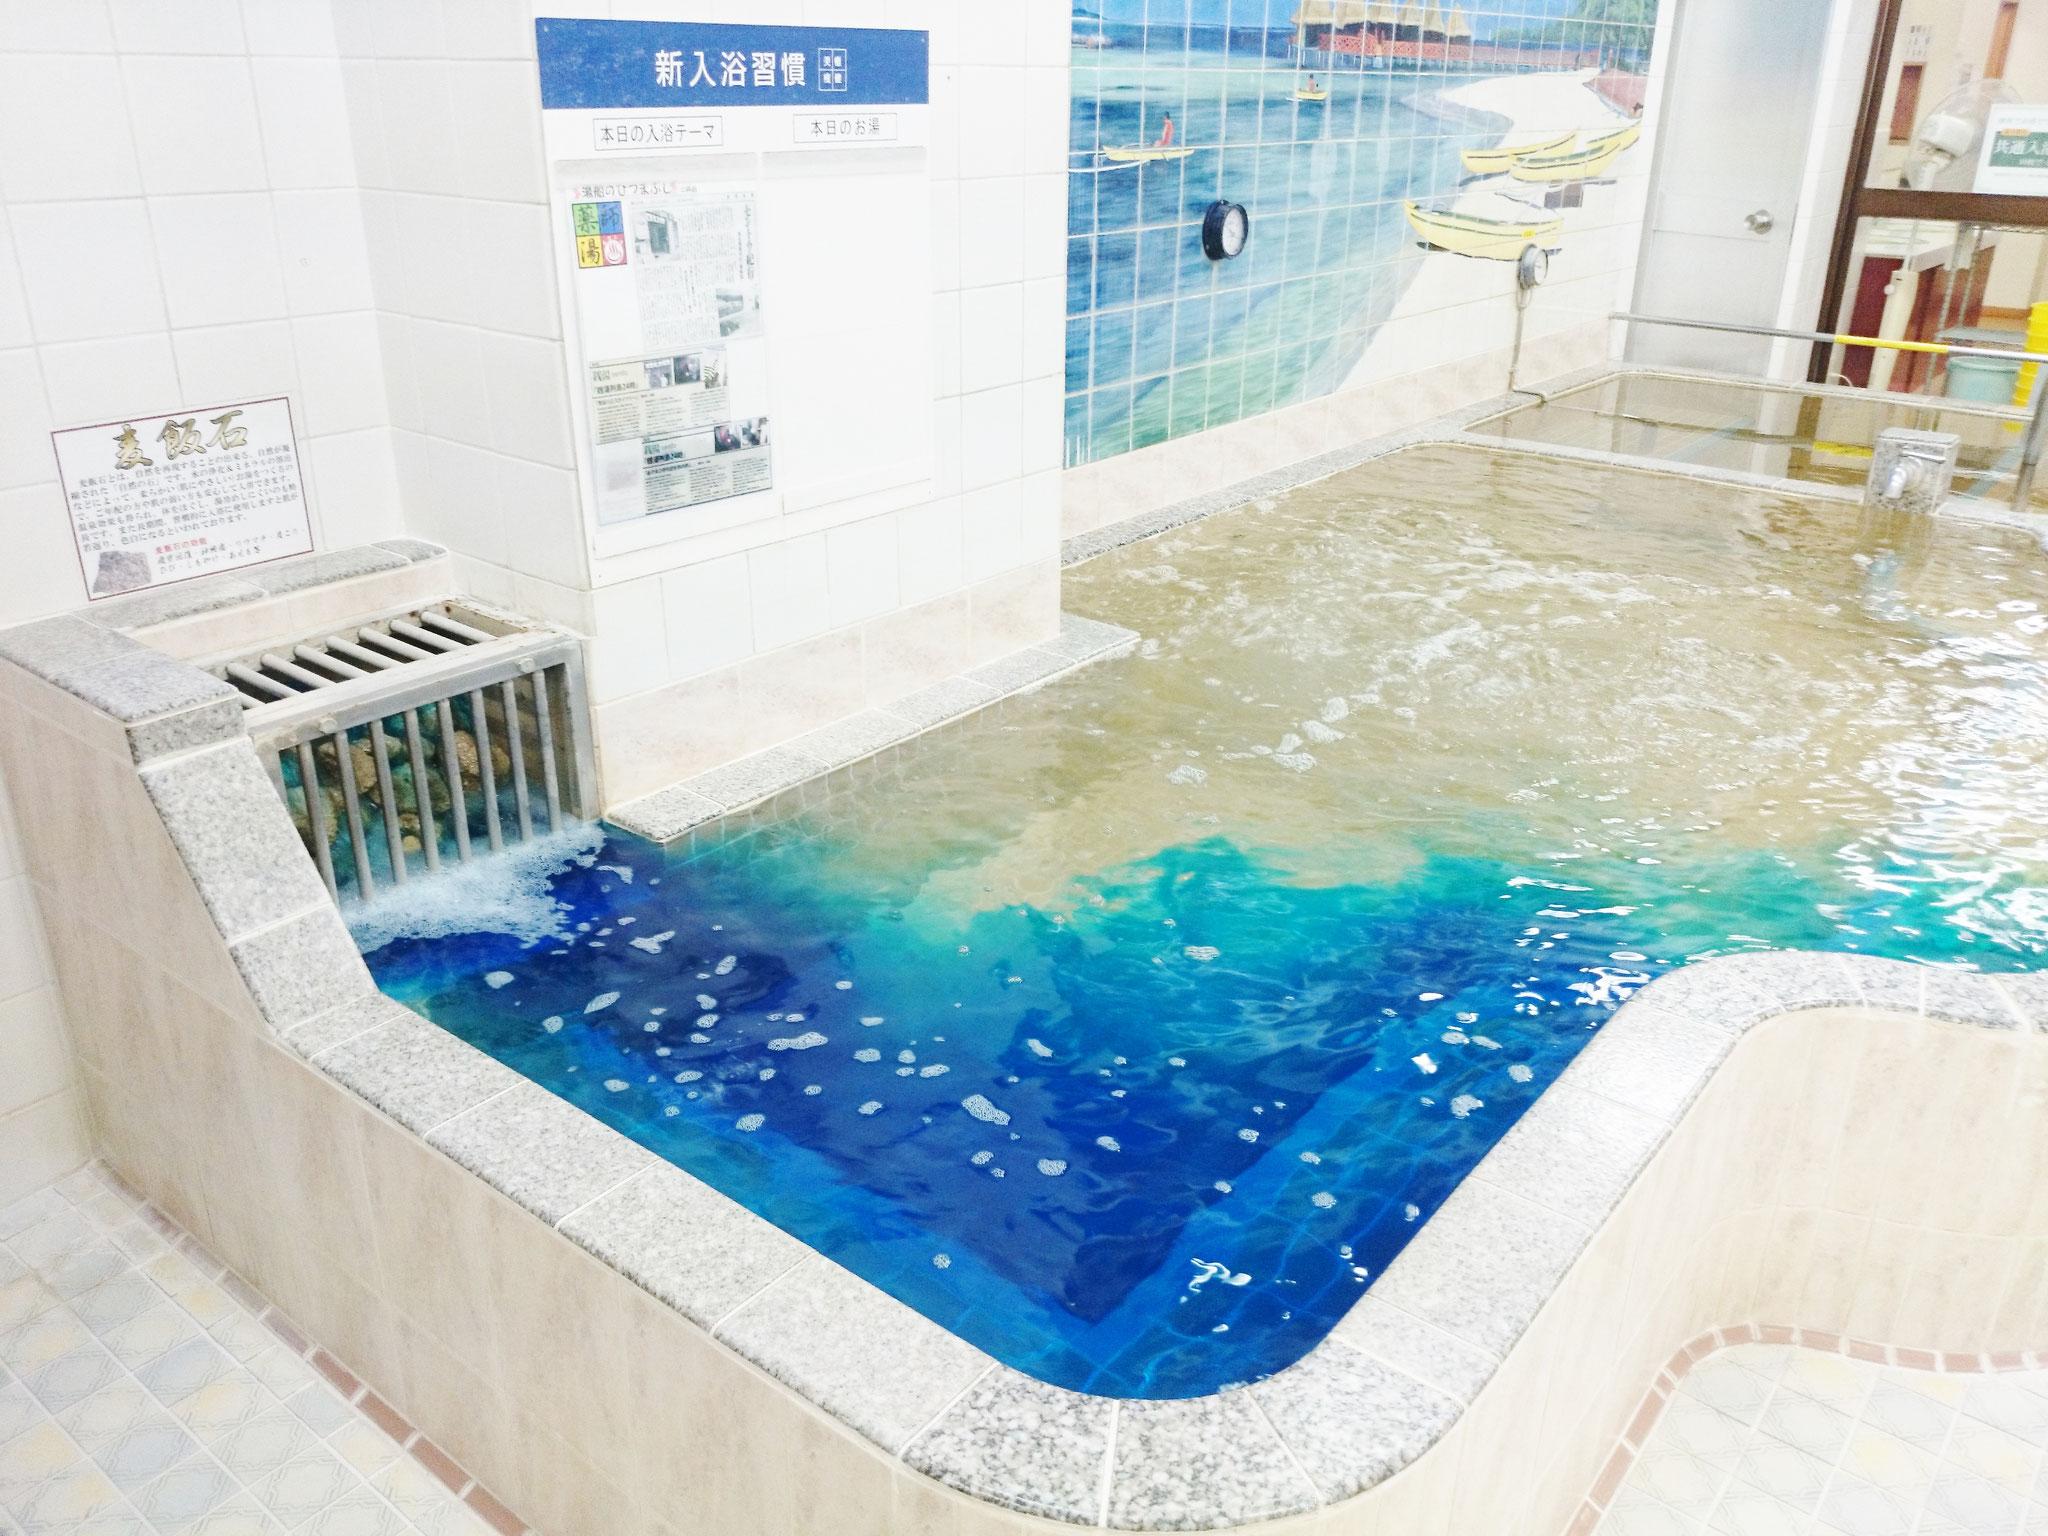 スカイツリーのように優雅に色が変化する「タワー風呂」